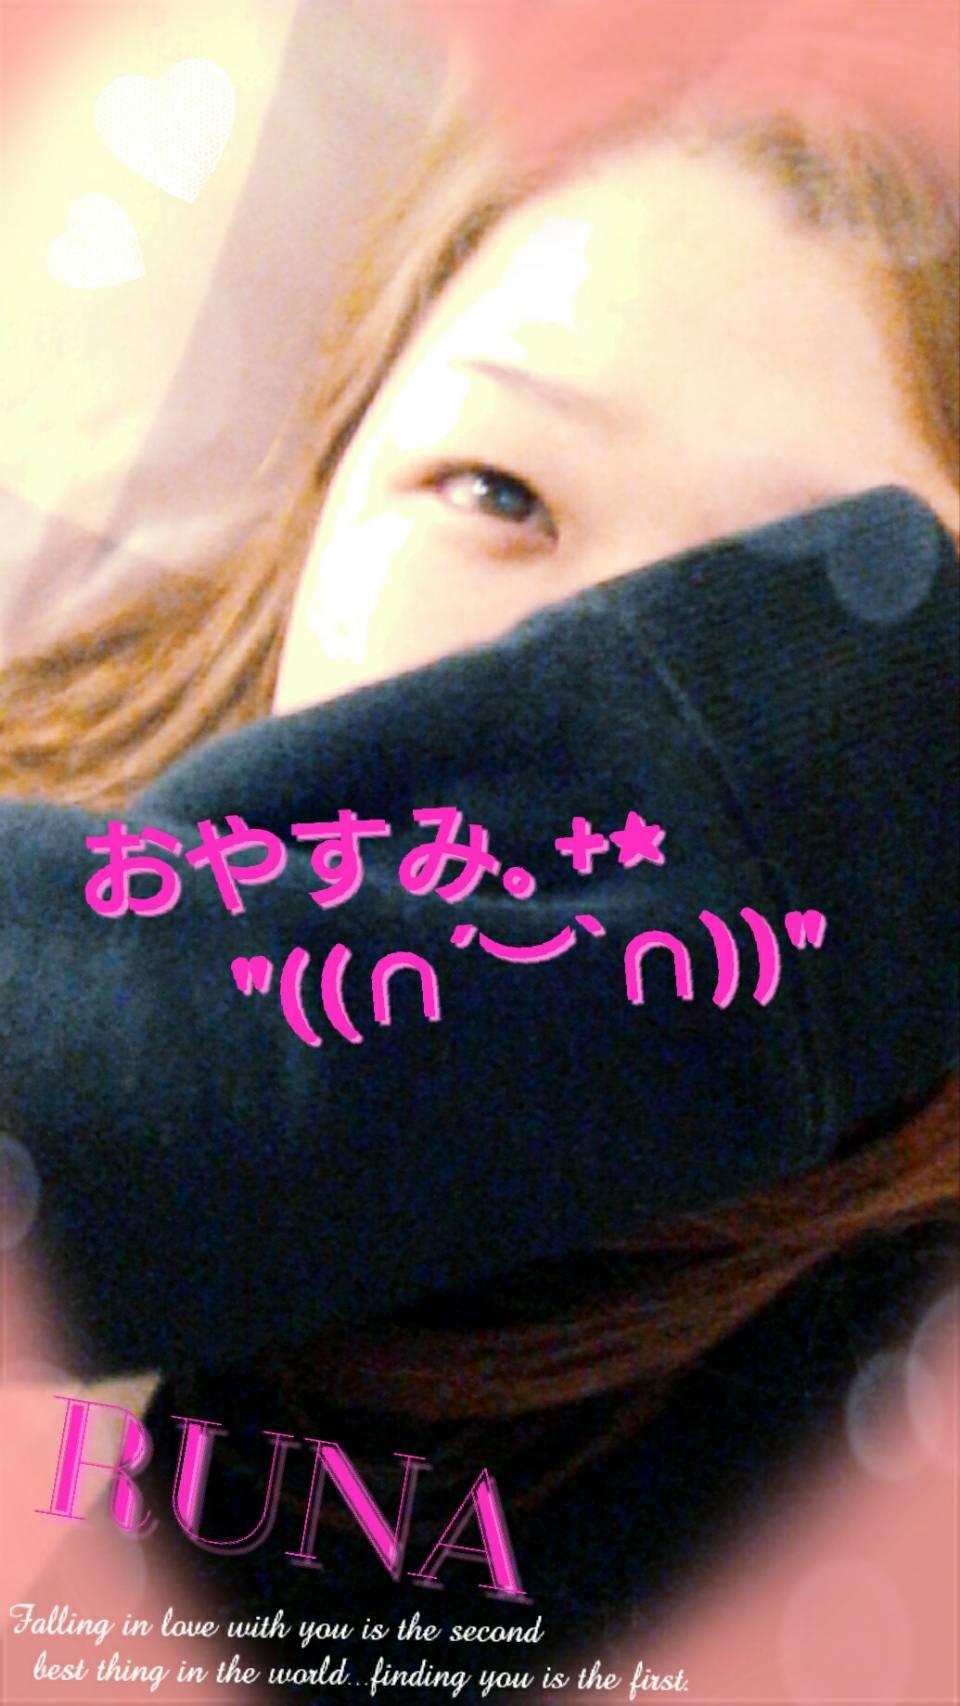 「おやすみー」12/08(金) 12:15 | るな先生の写メ・風俗動画